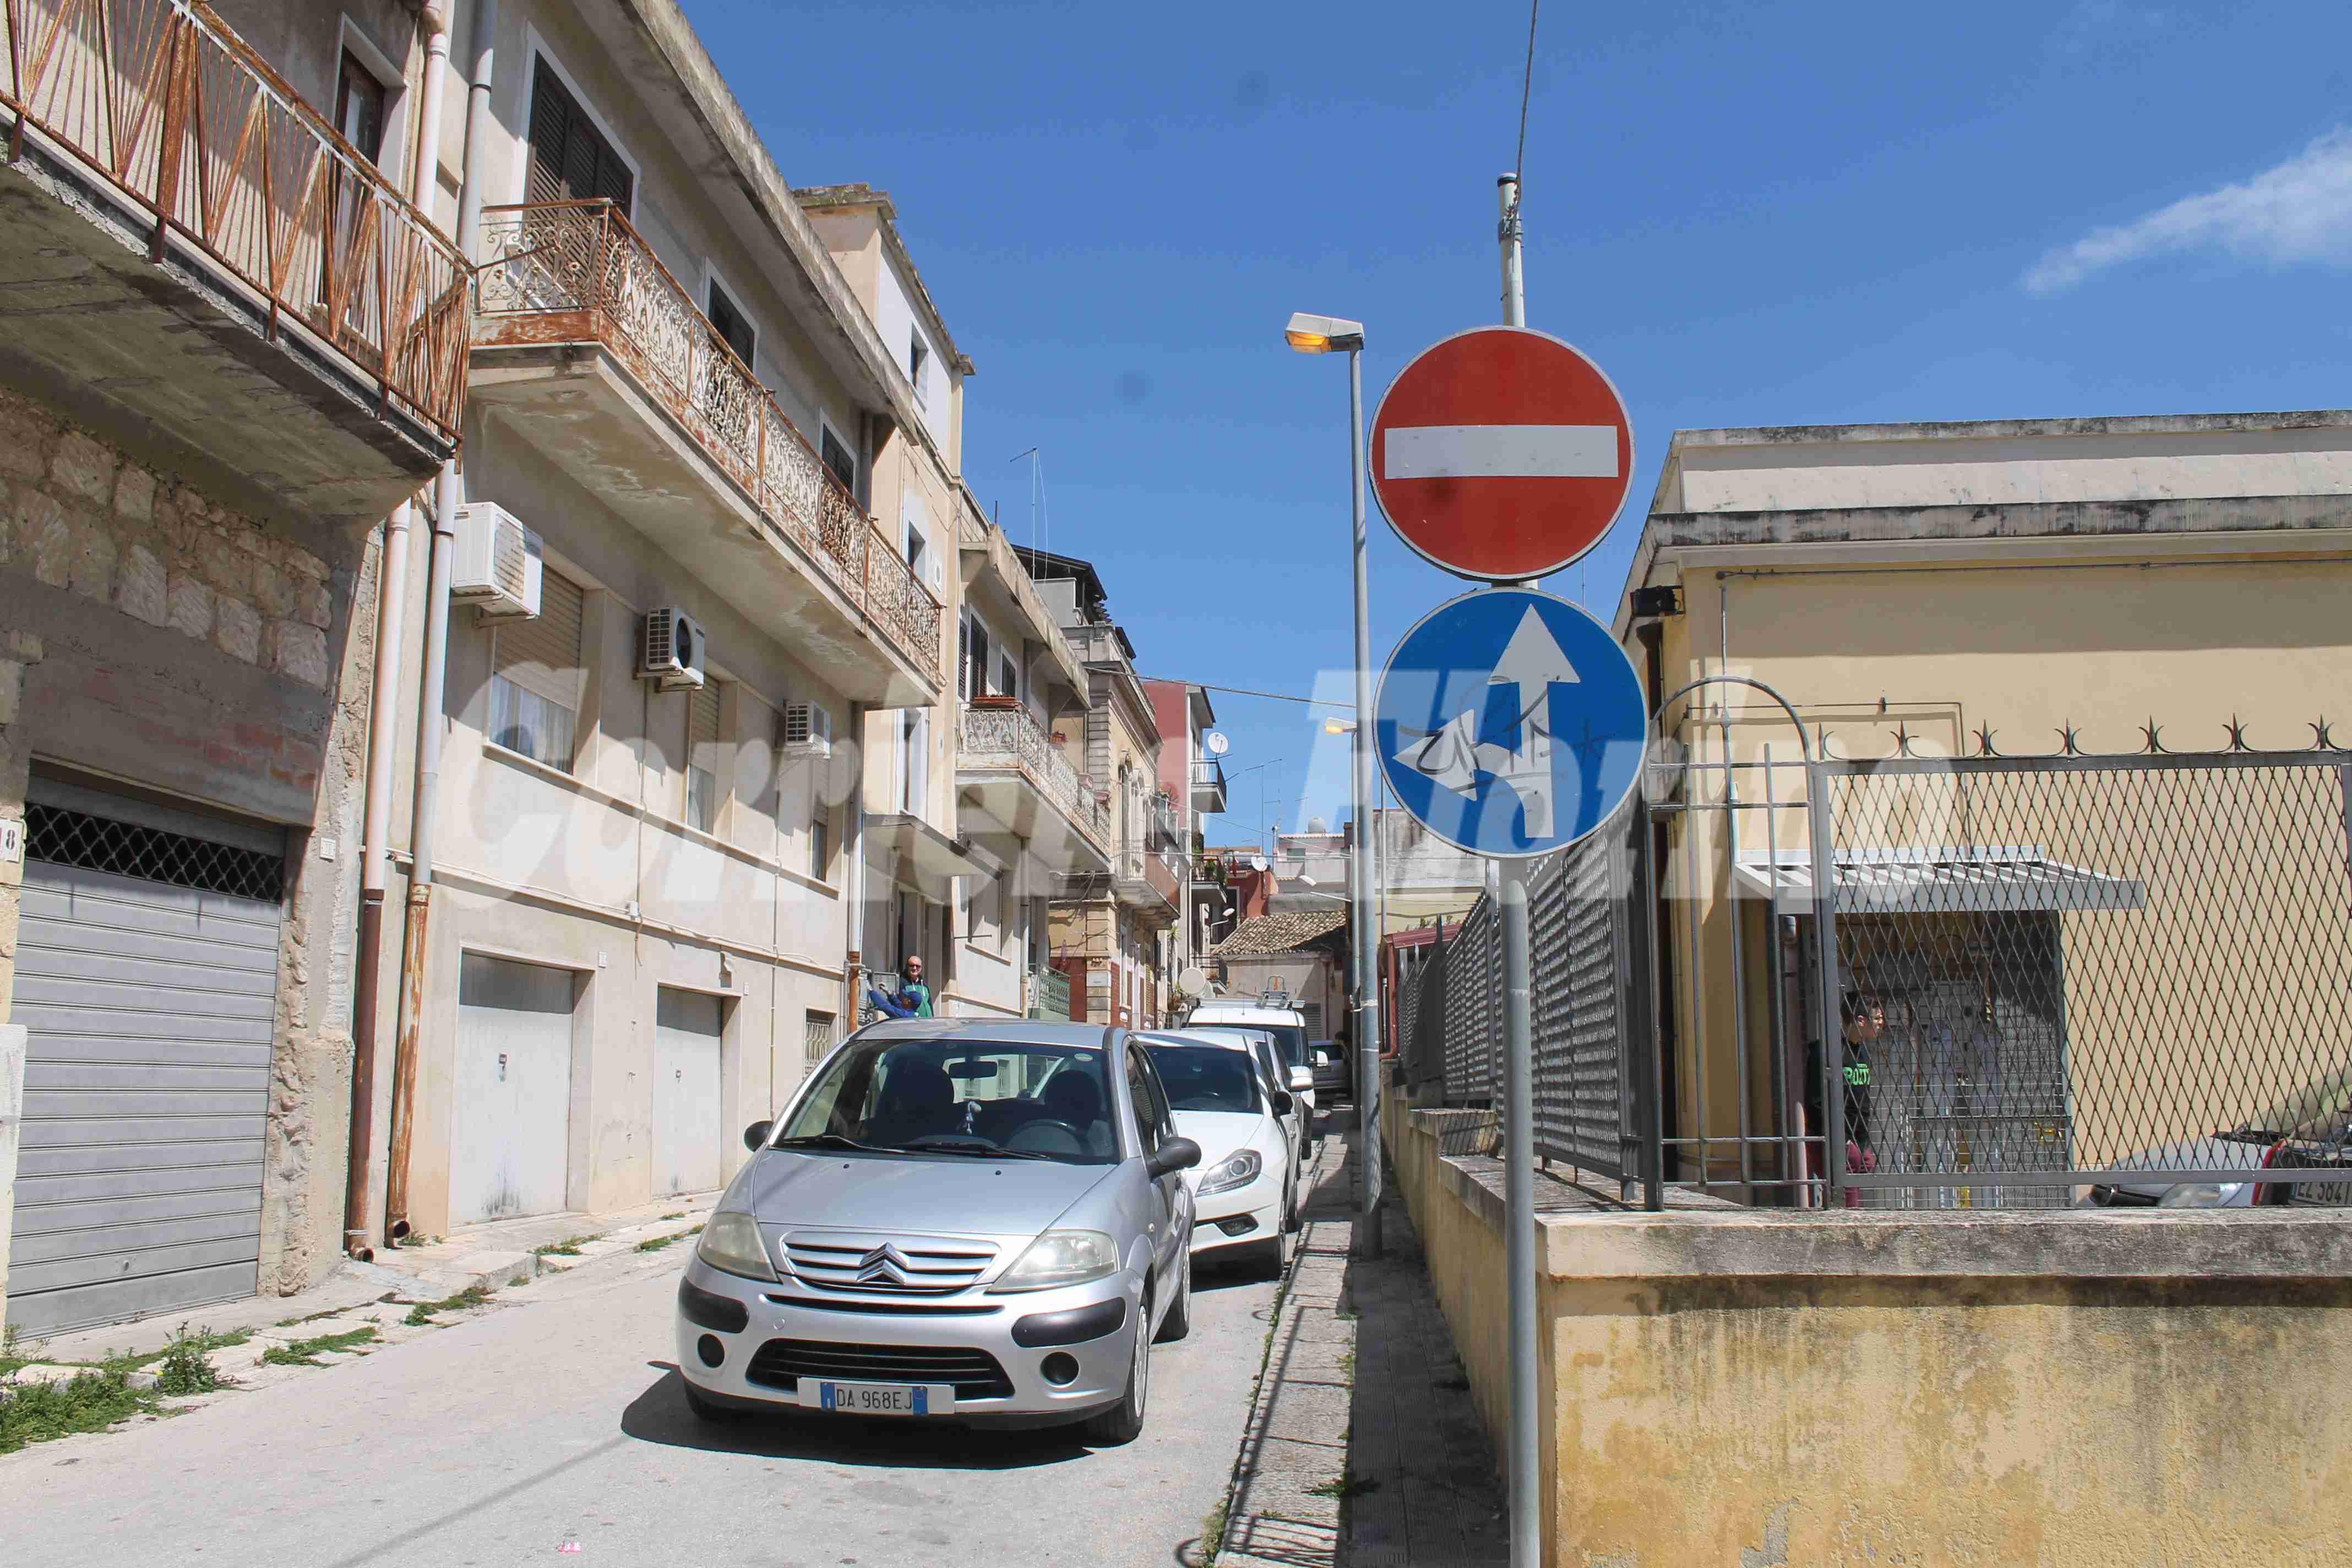 Segnaletica stradale con crisi d'identità in Via Verdi